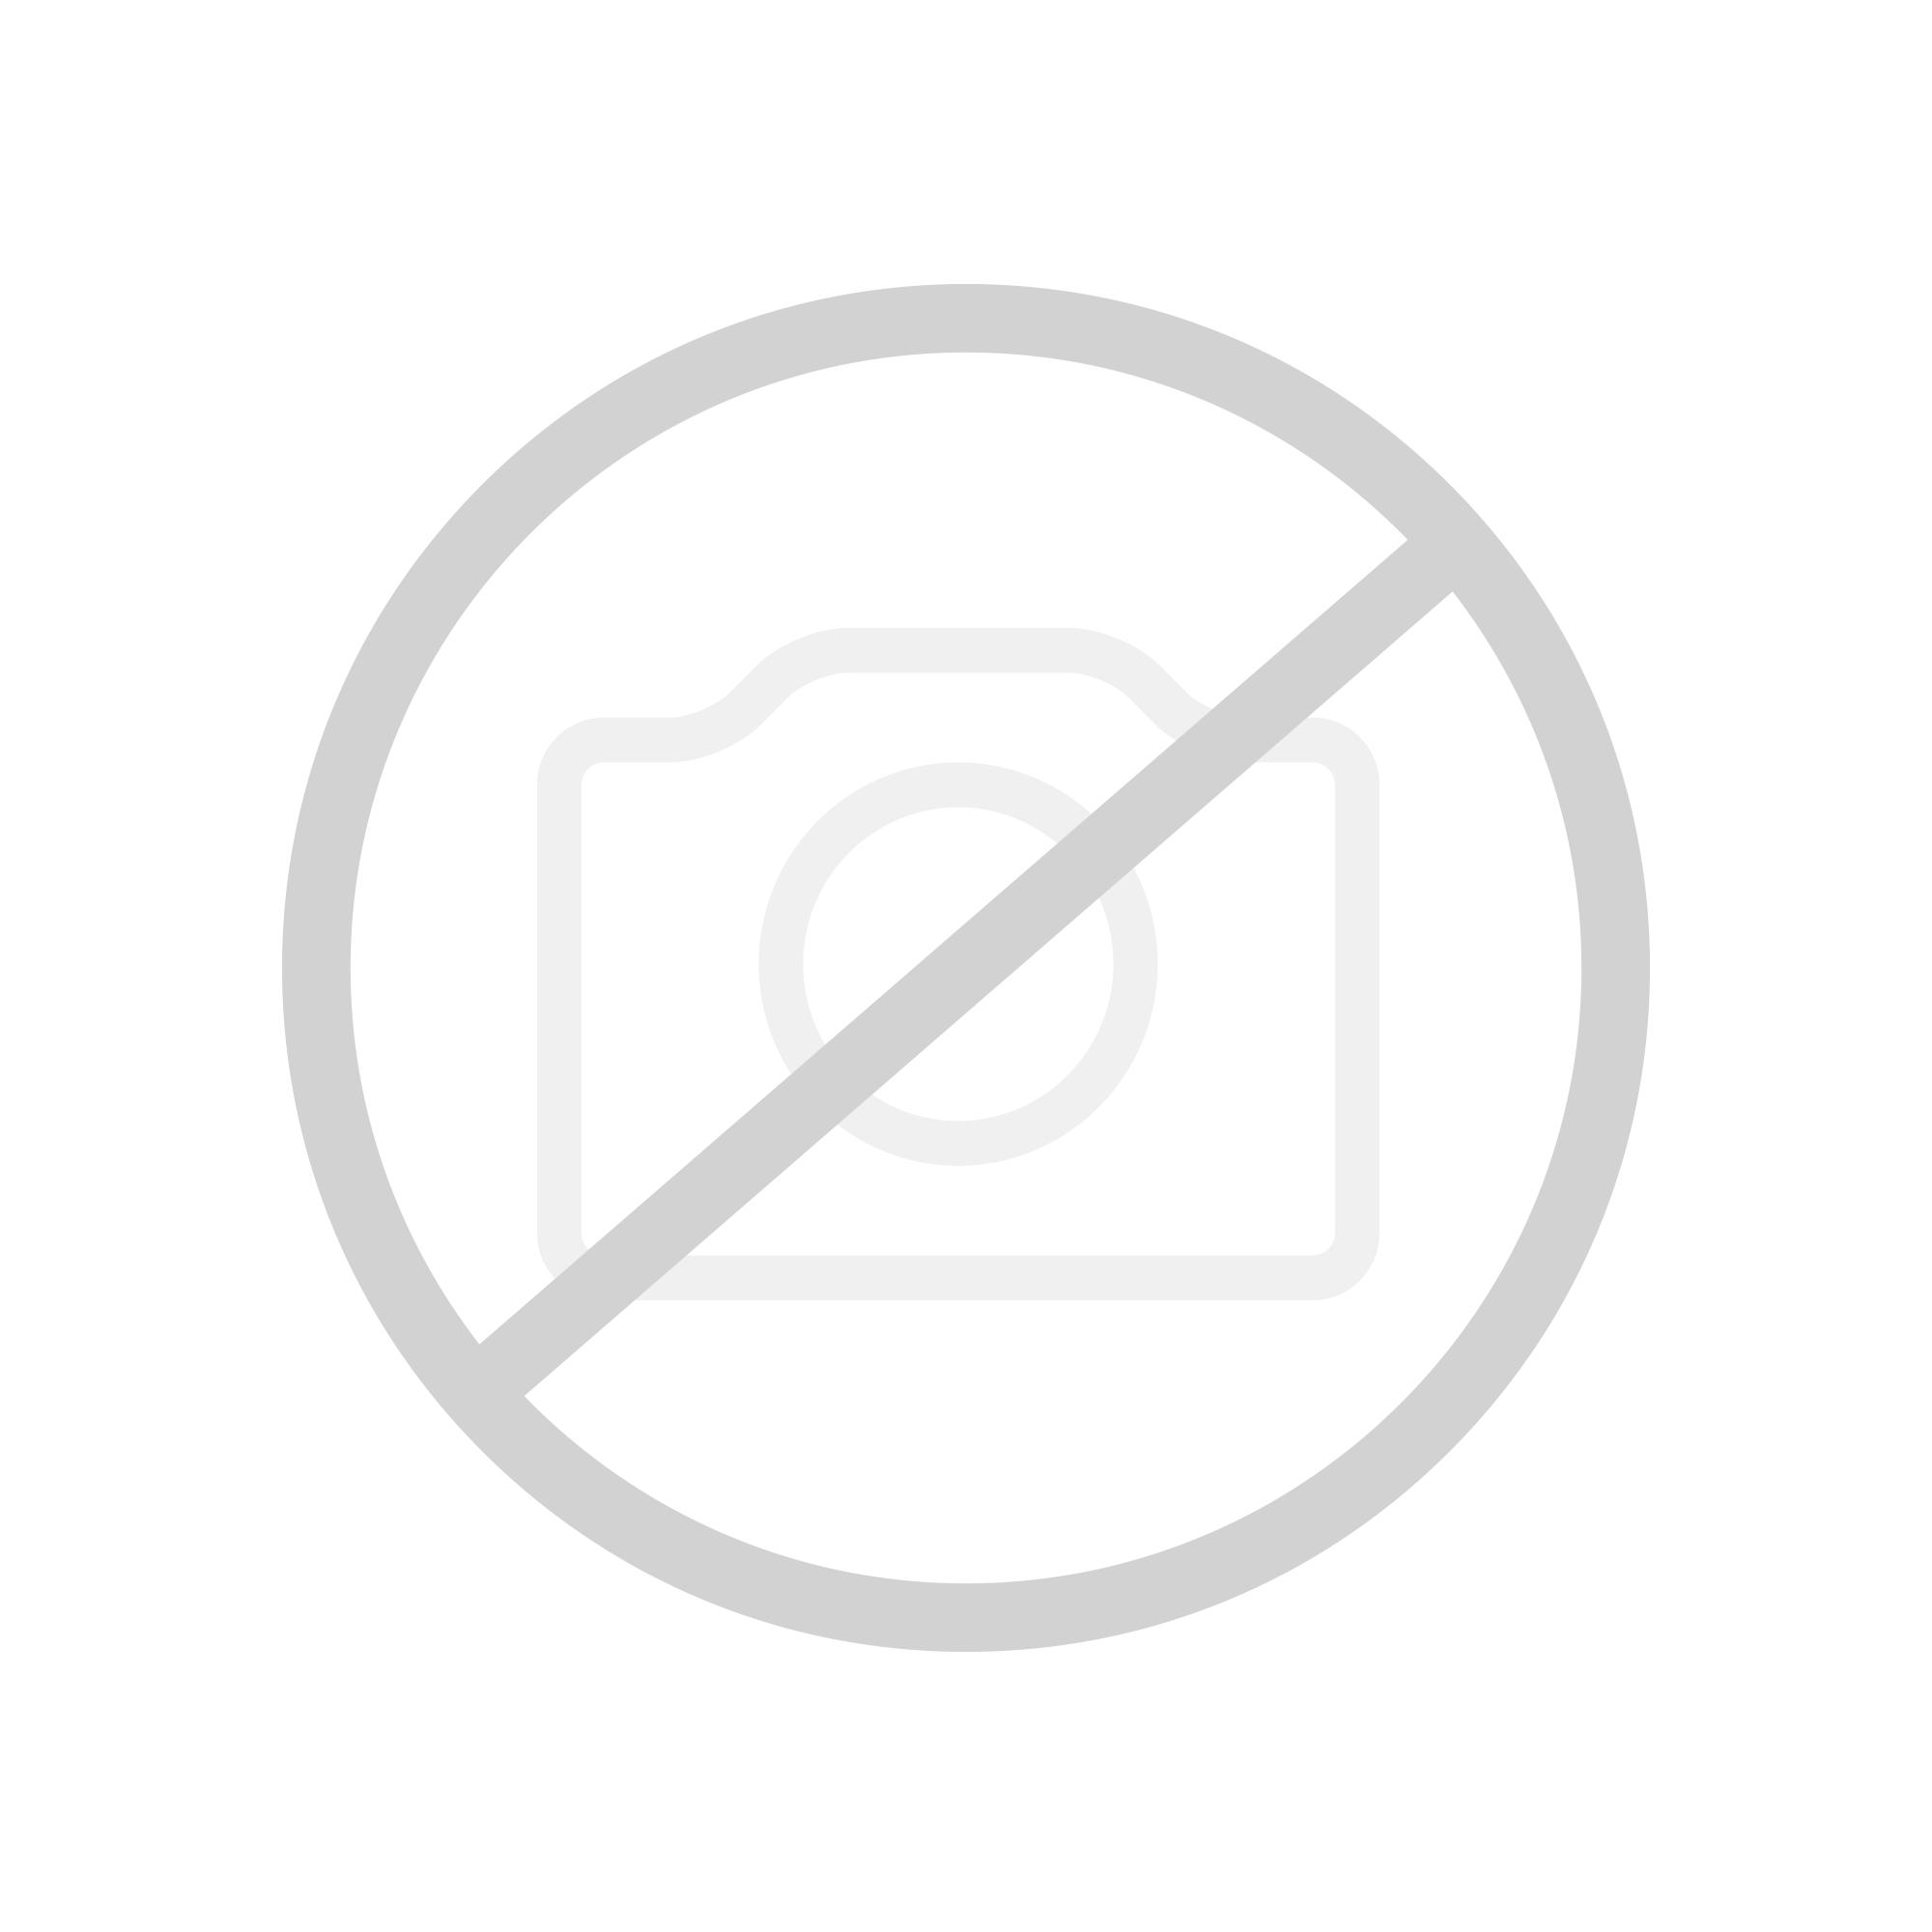 Grohe Essence Einhand-Waschtischbatterie, DN 15 ohne Ablaufgarnitur